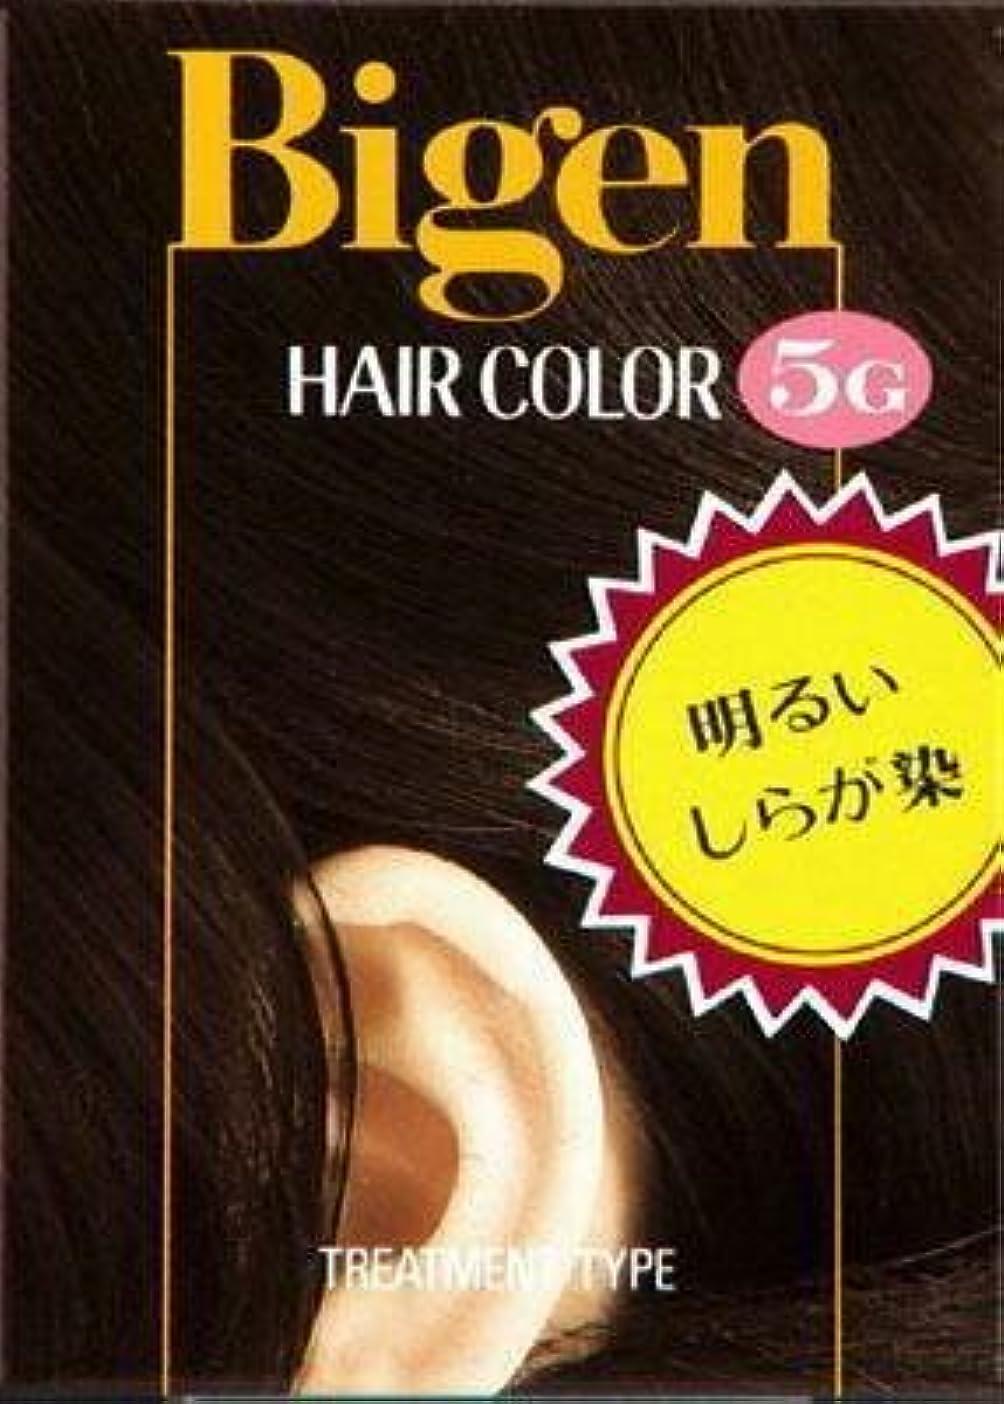 慣れる魅力的持っているビゲン ヘアカラー 5G 深い栗色 × 10個セット